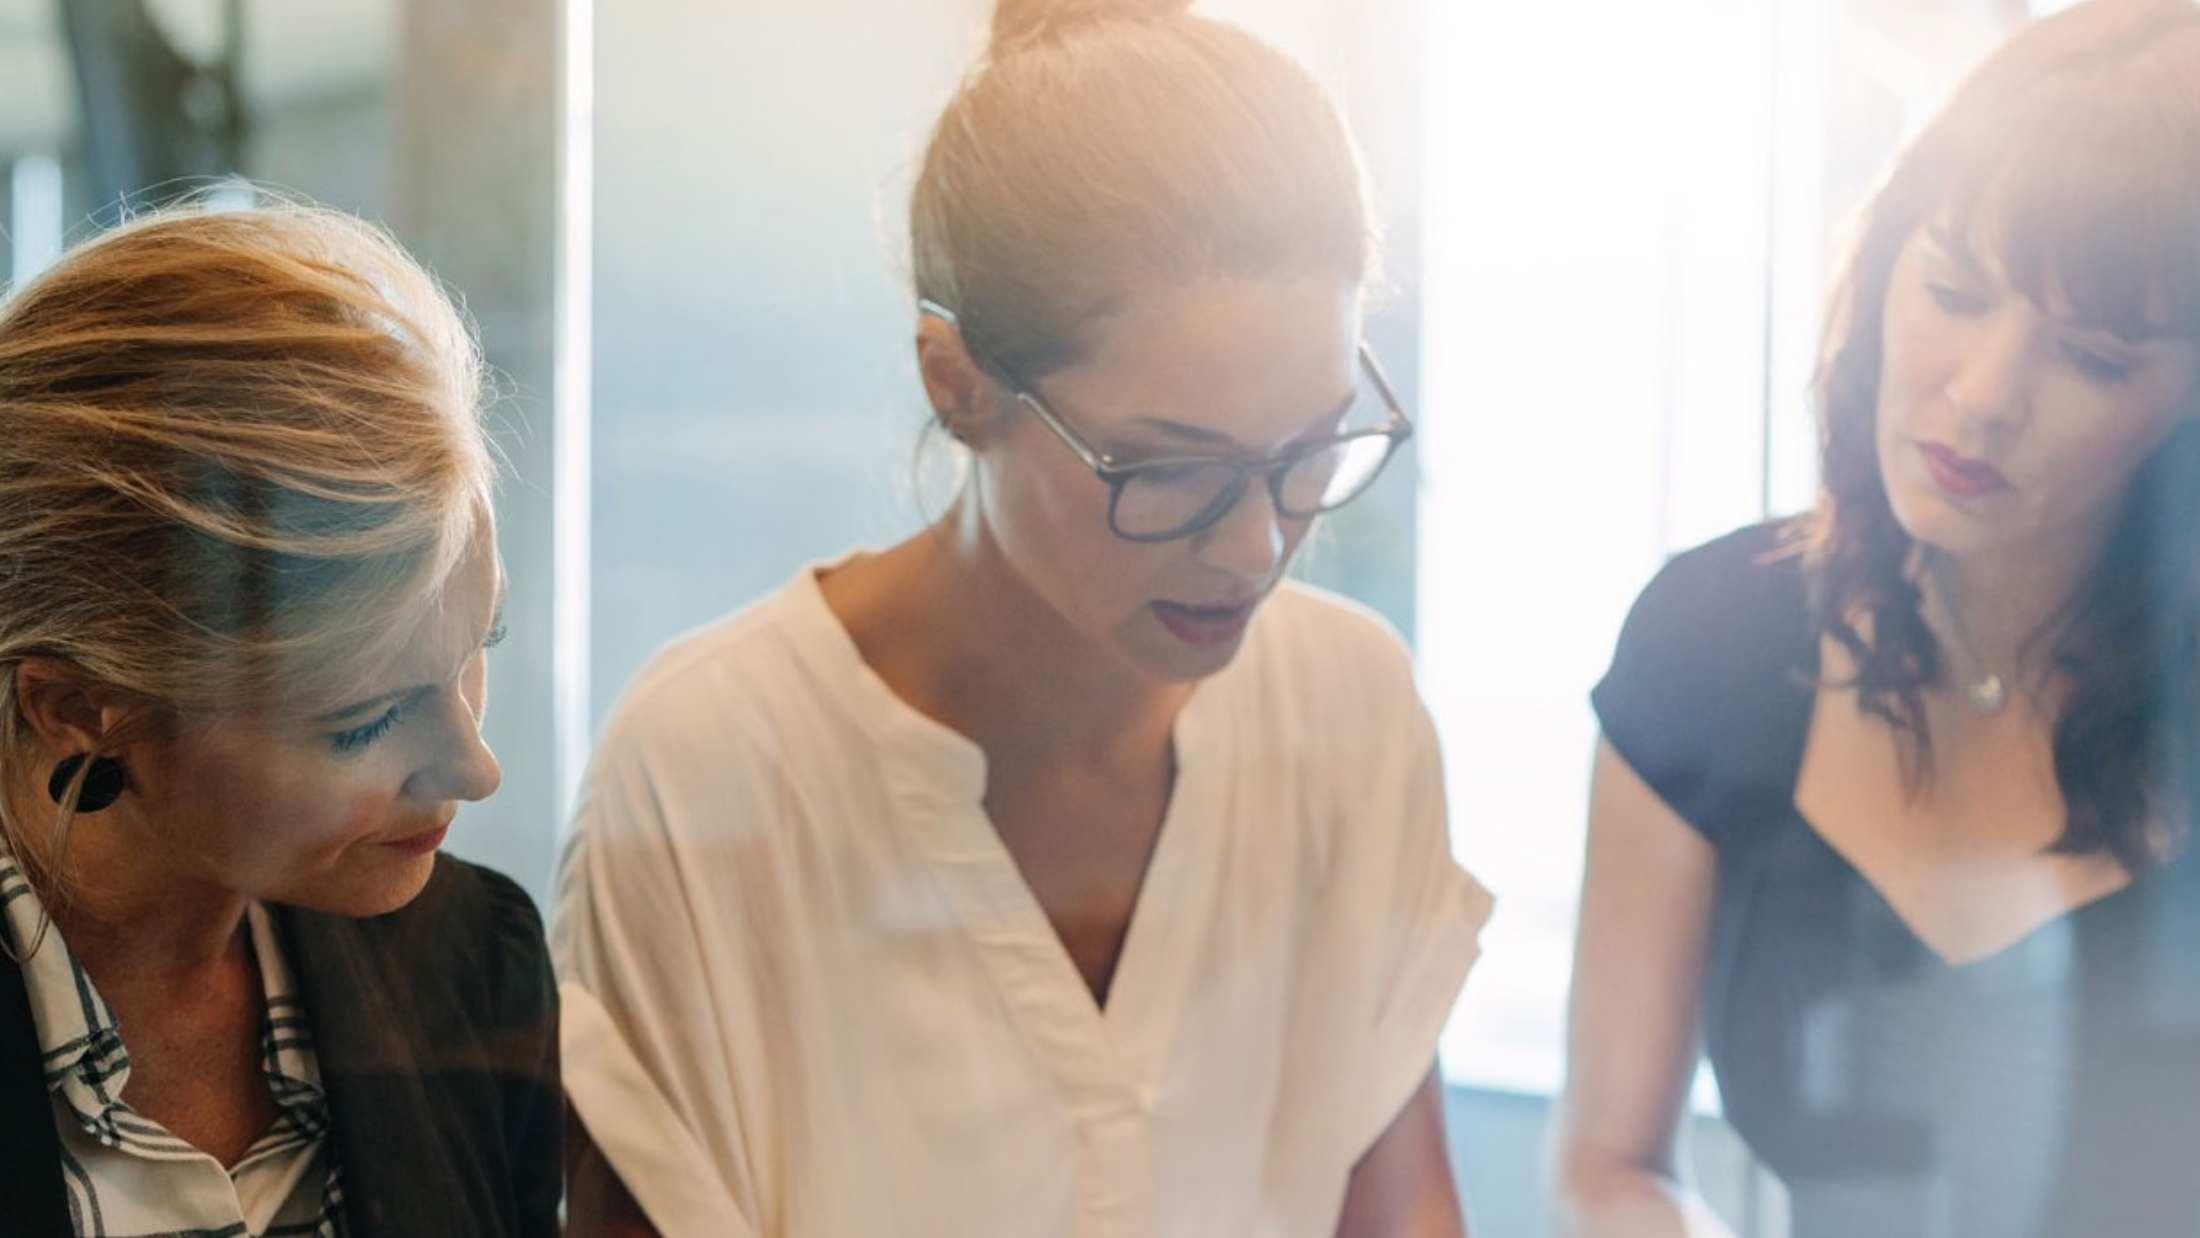 Three businesswomen in an office